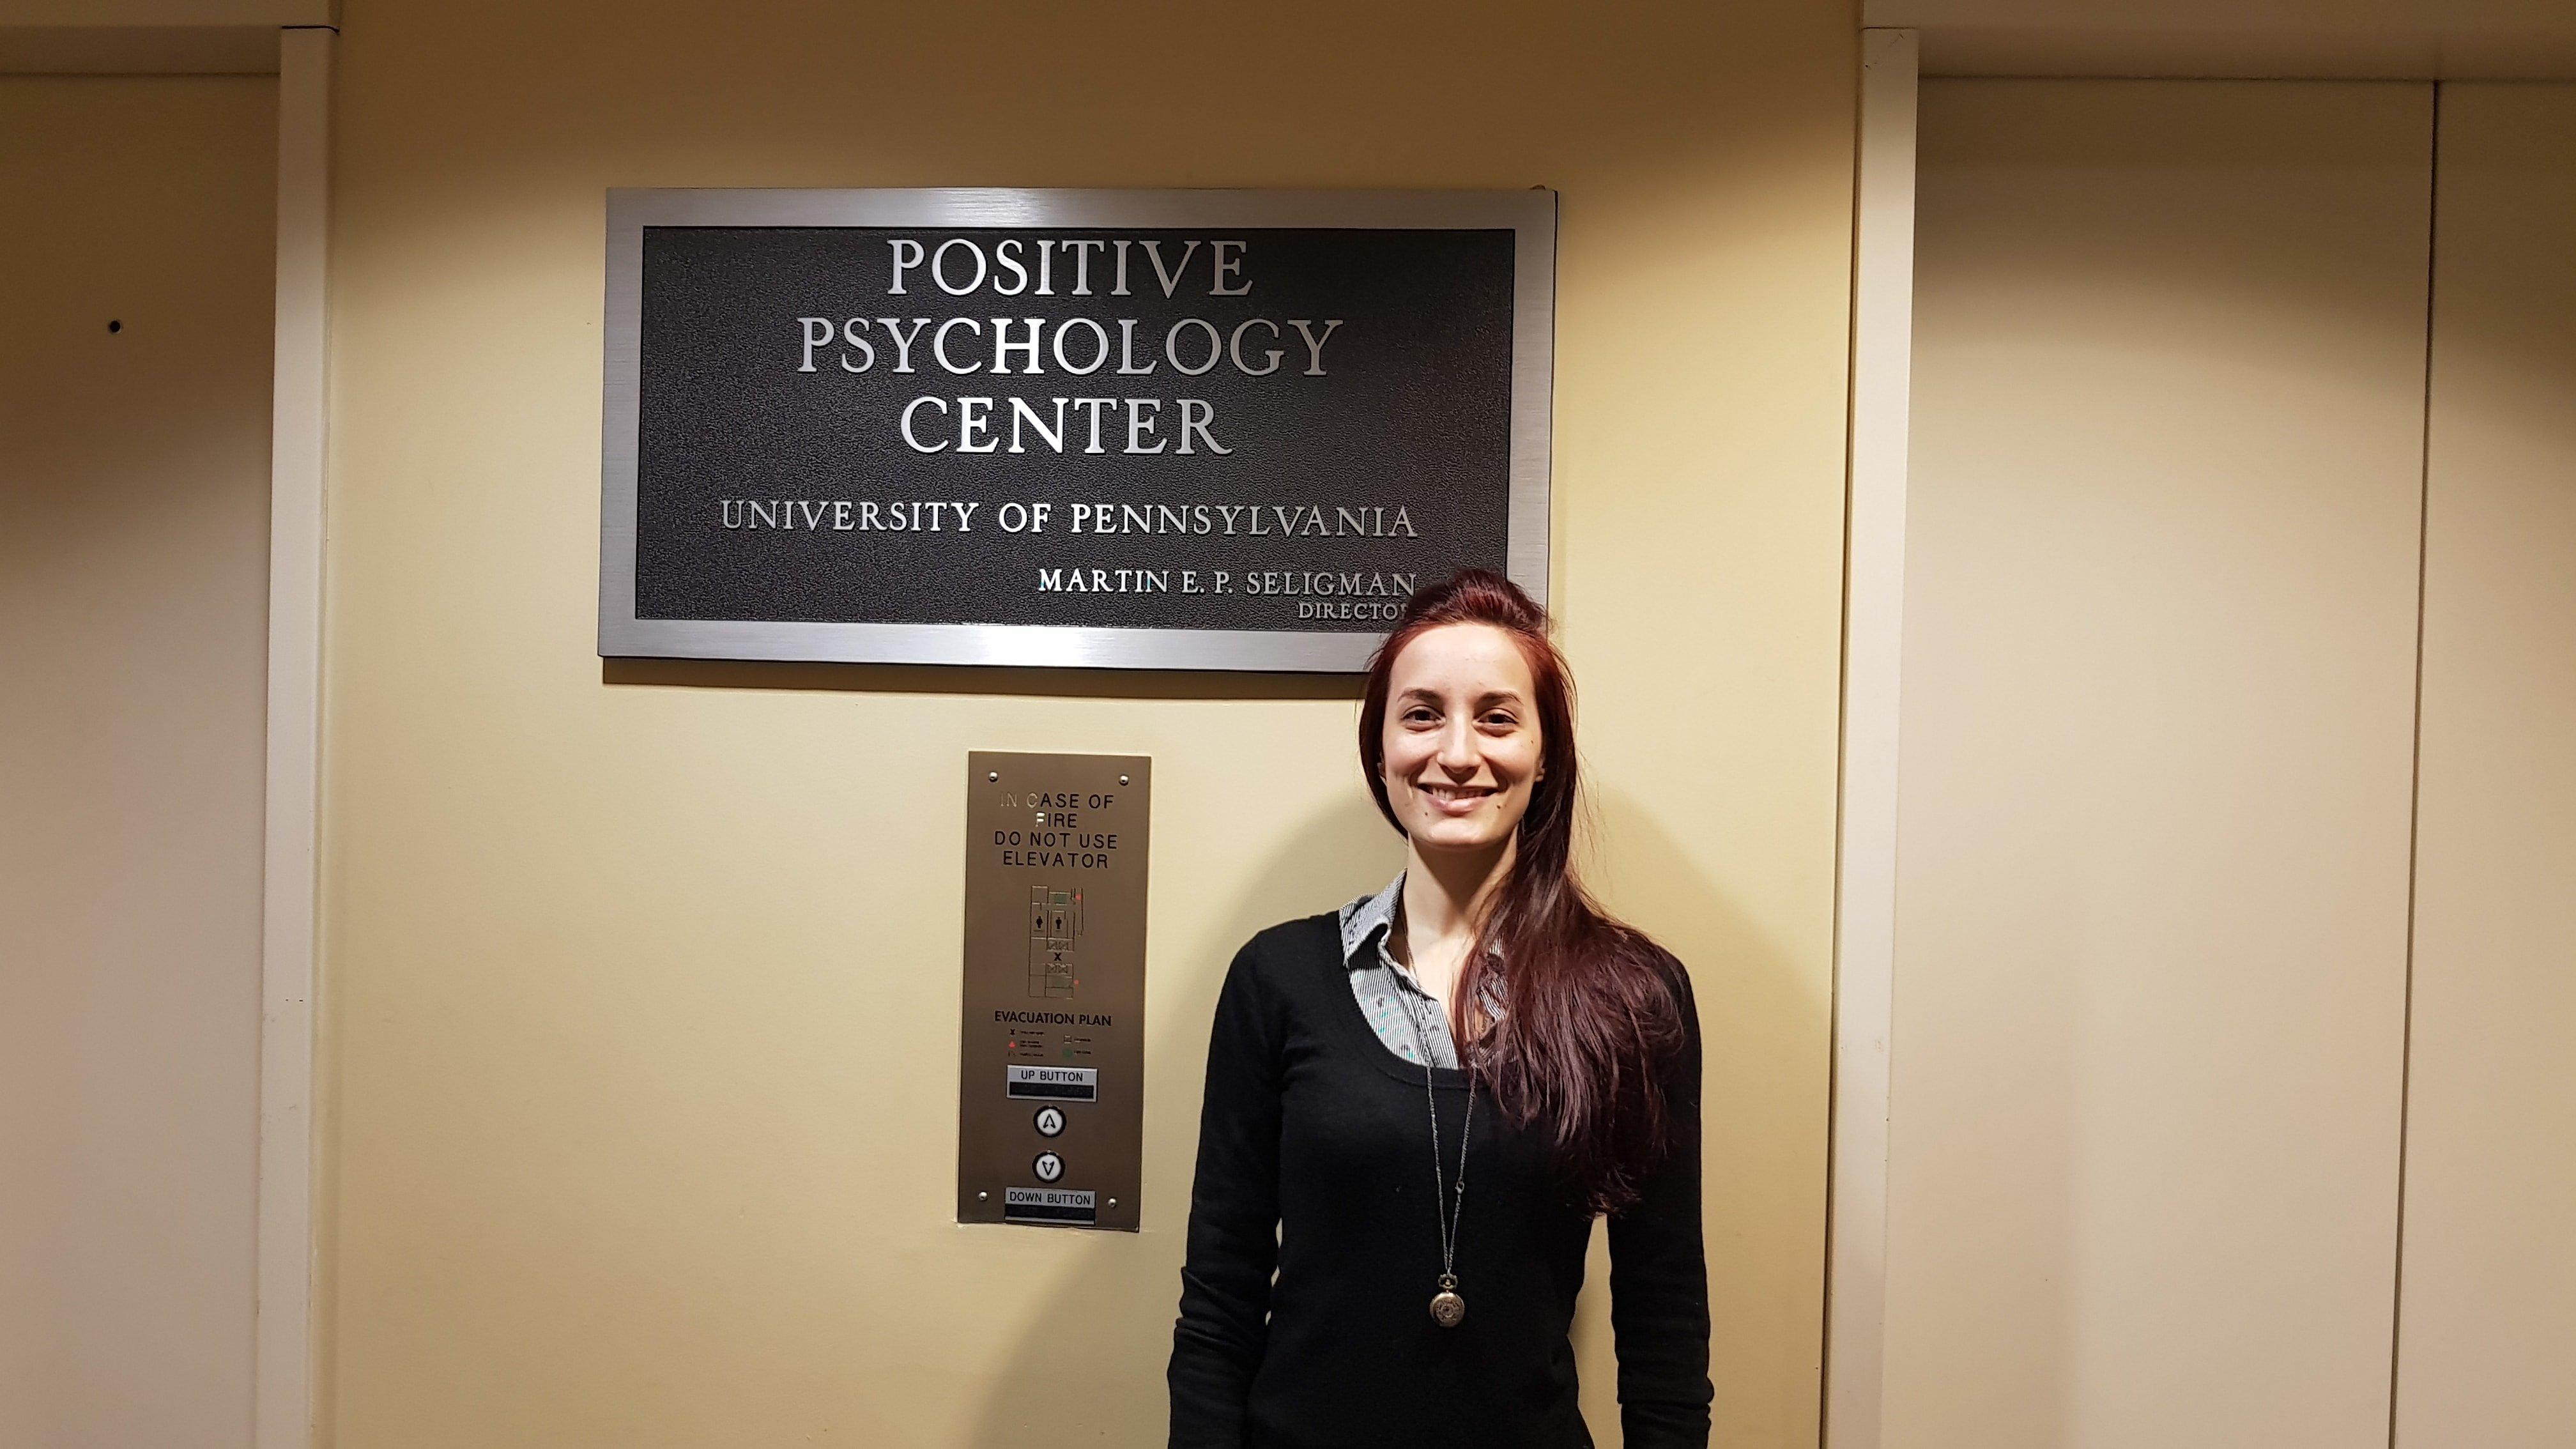 Alice Chirico - Centro di Psicologia positiva Filadelfia Penn University